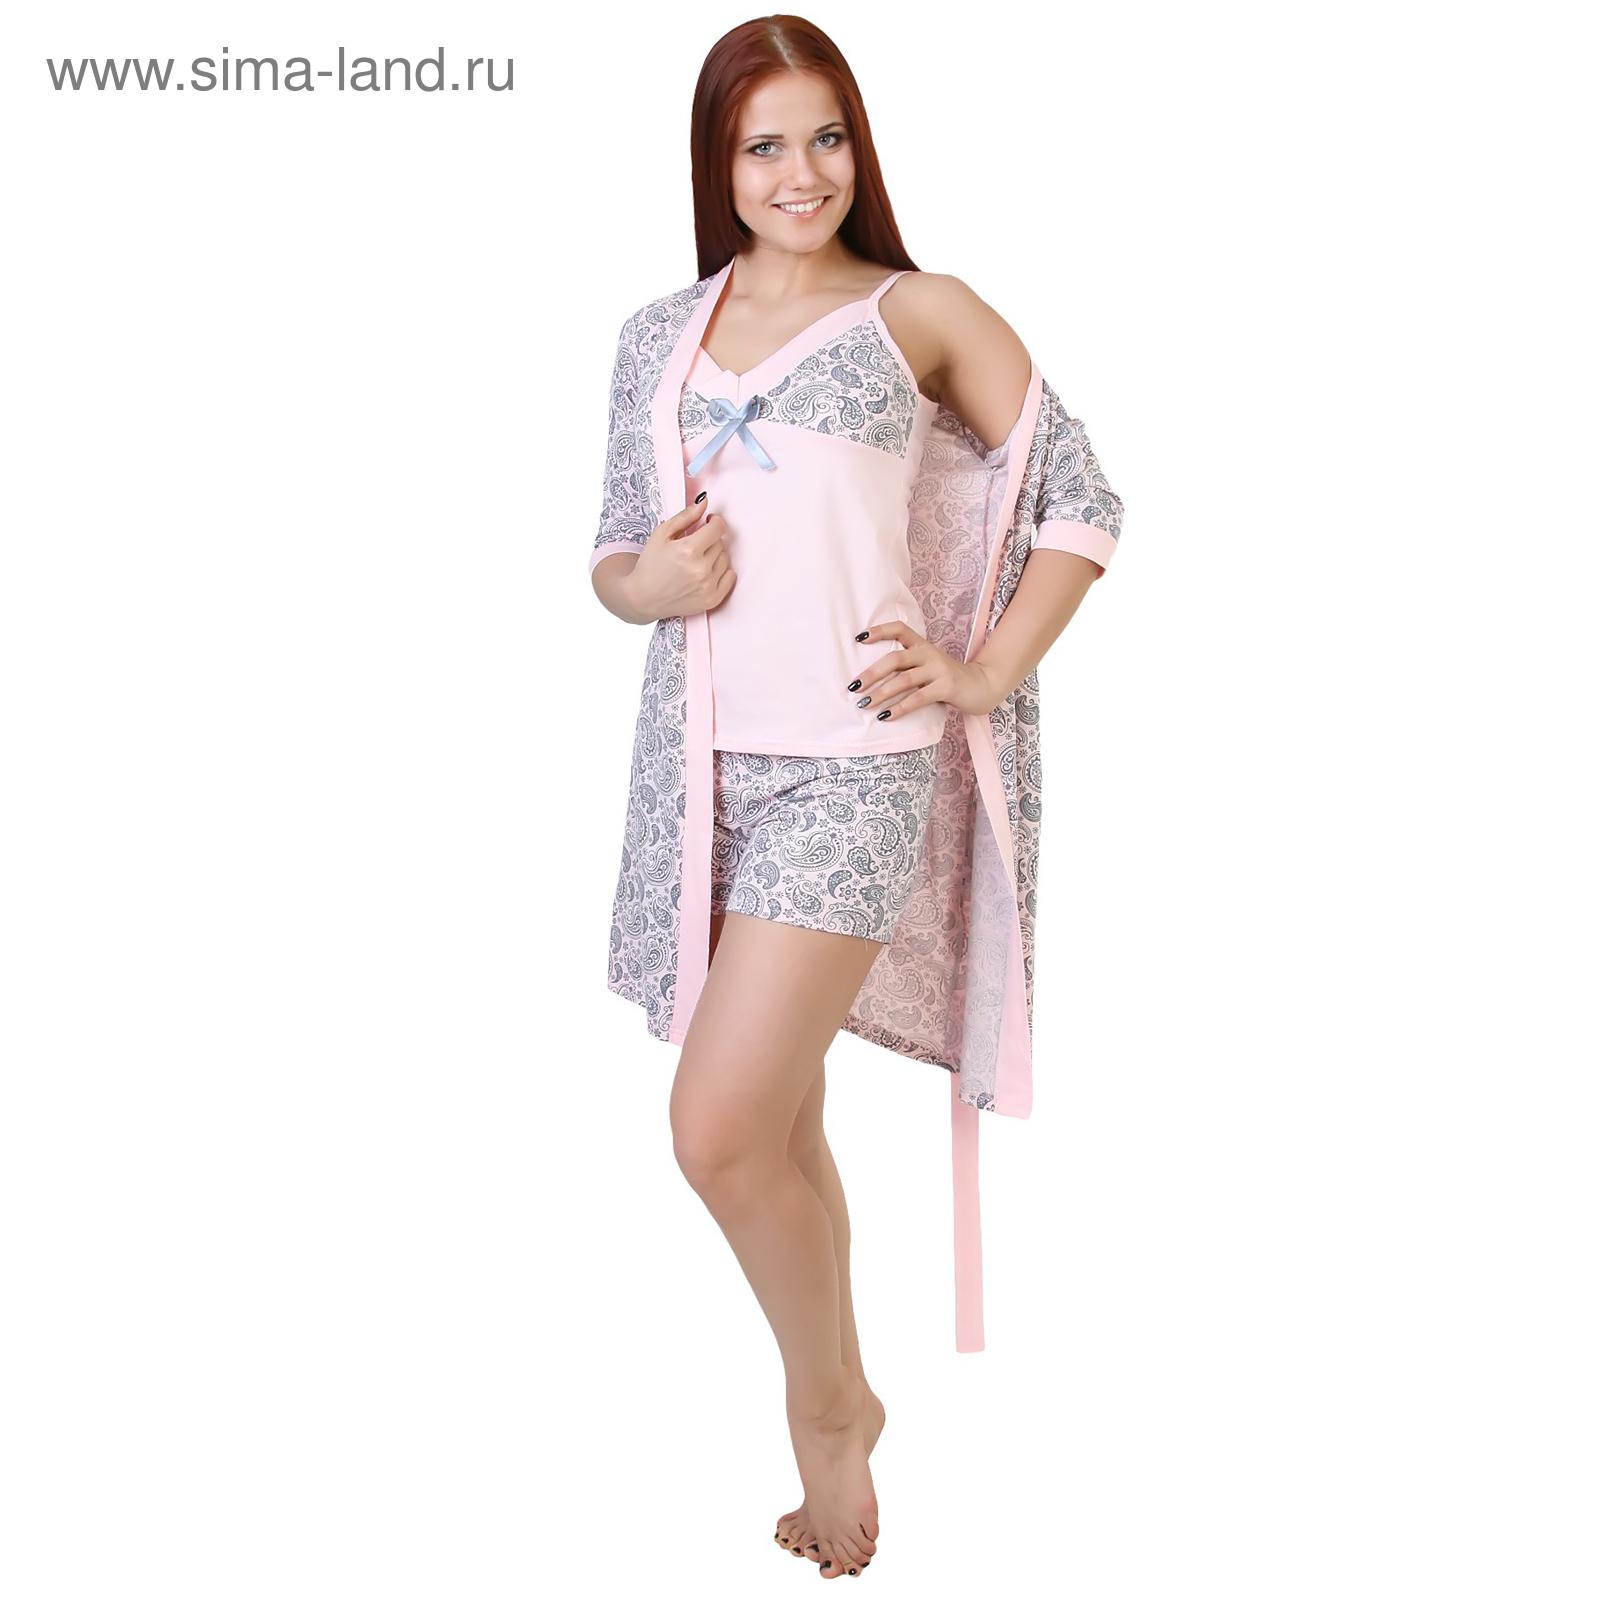 fbe503efa2934 Комплект женский (халат, майка, шорты) Узор цвет розовый, р-р 52 (84 ...